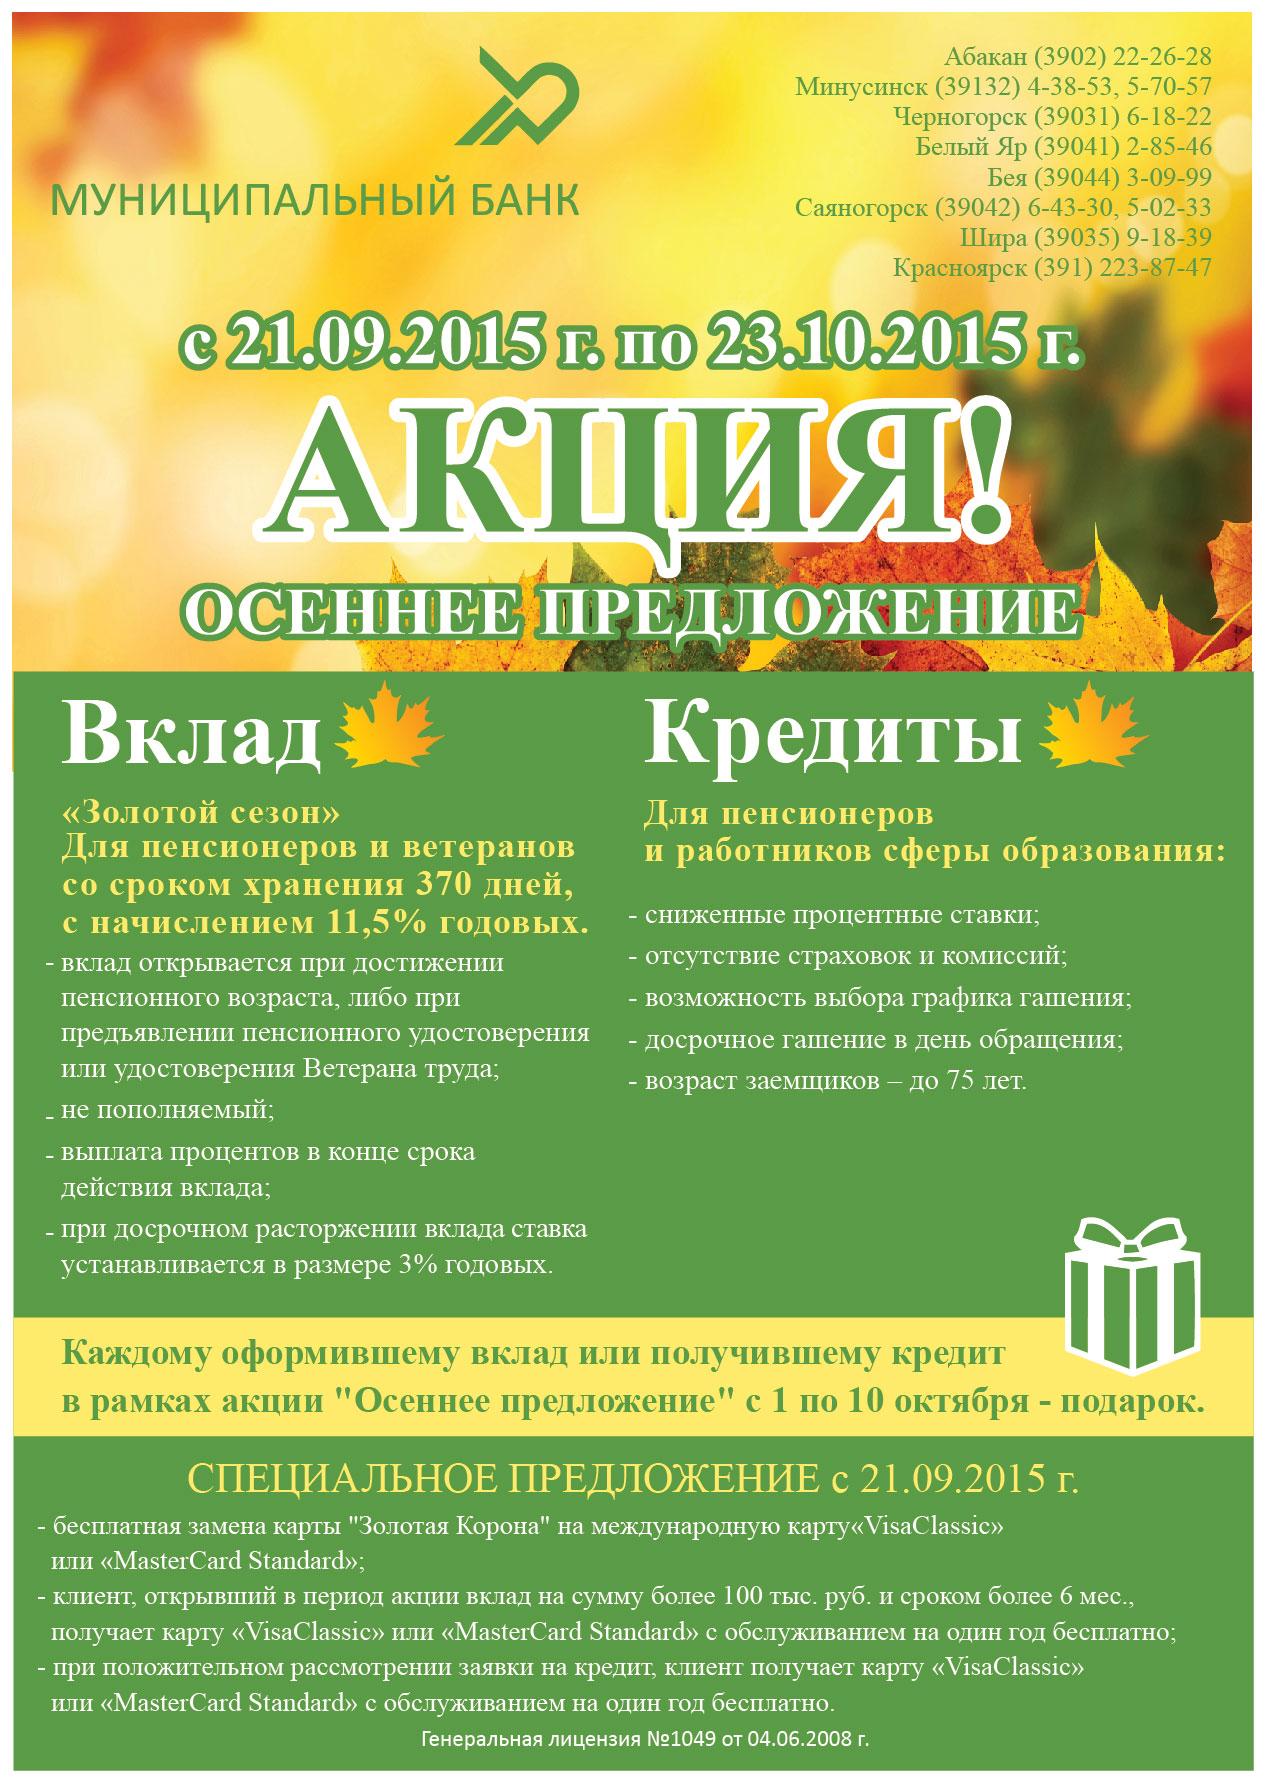 Пенсионеры мвд украины в контакте